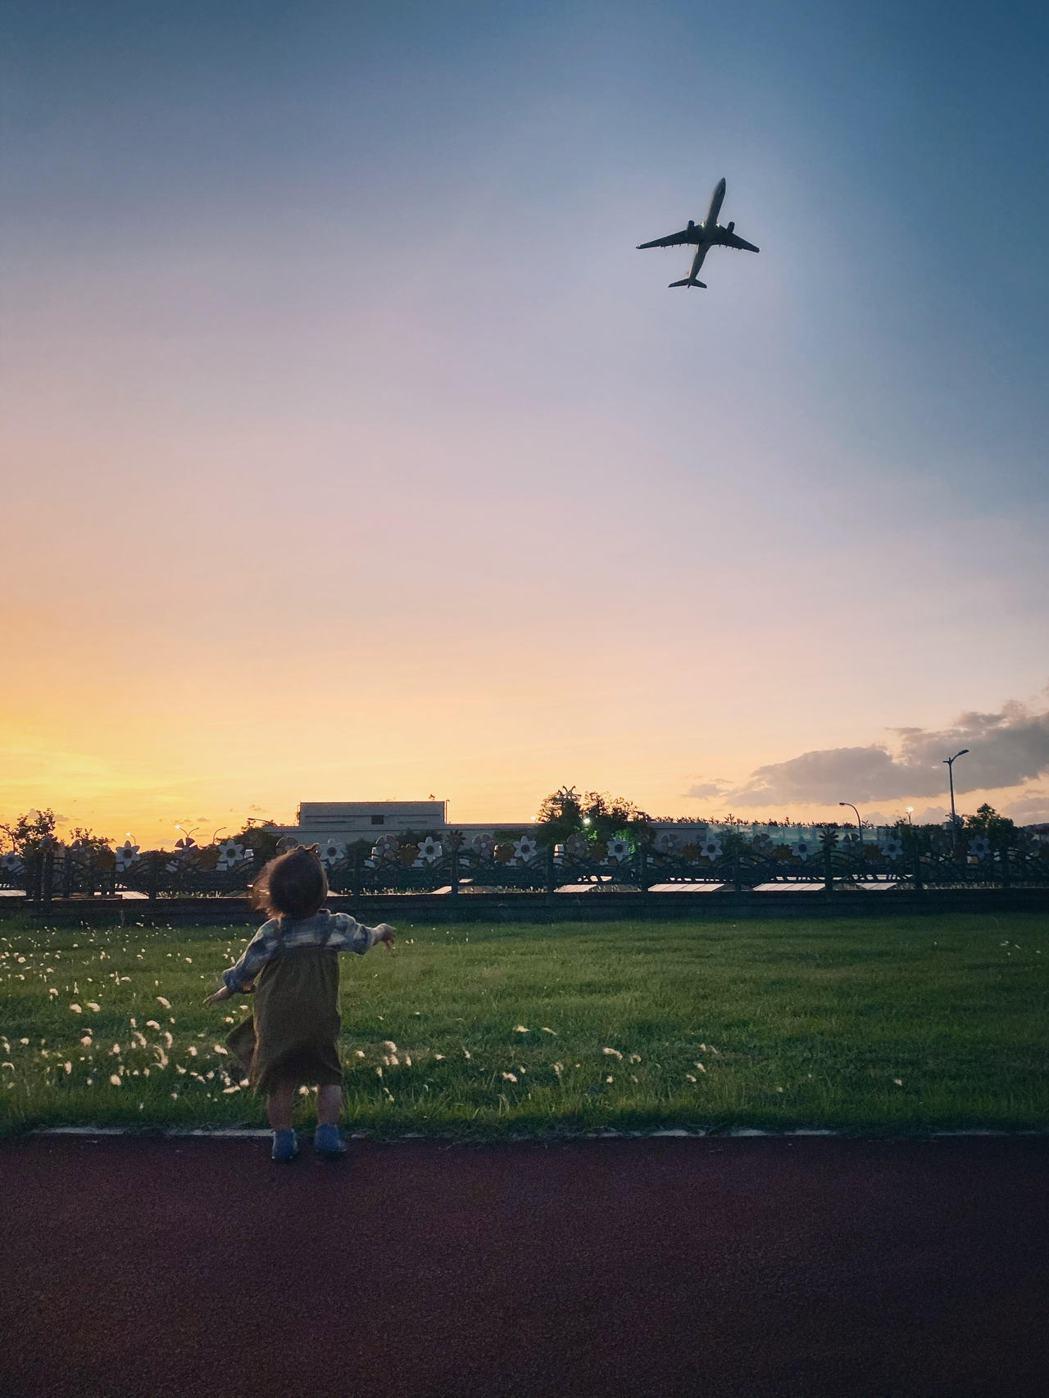 小時候愛海的瀟灑,長大後懂得山的美。當個台北人很幸福,見山是抬頭望向遠方,看海是...